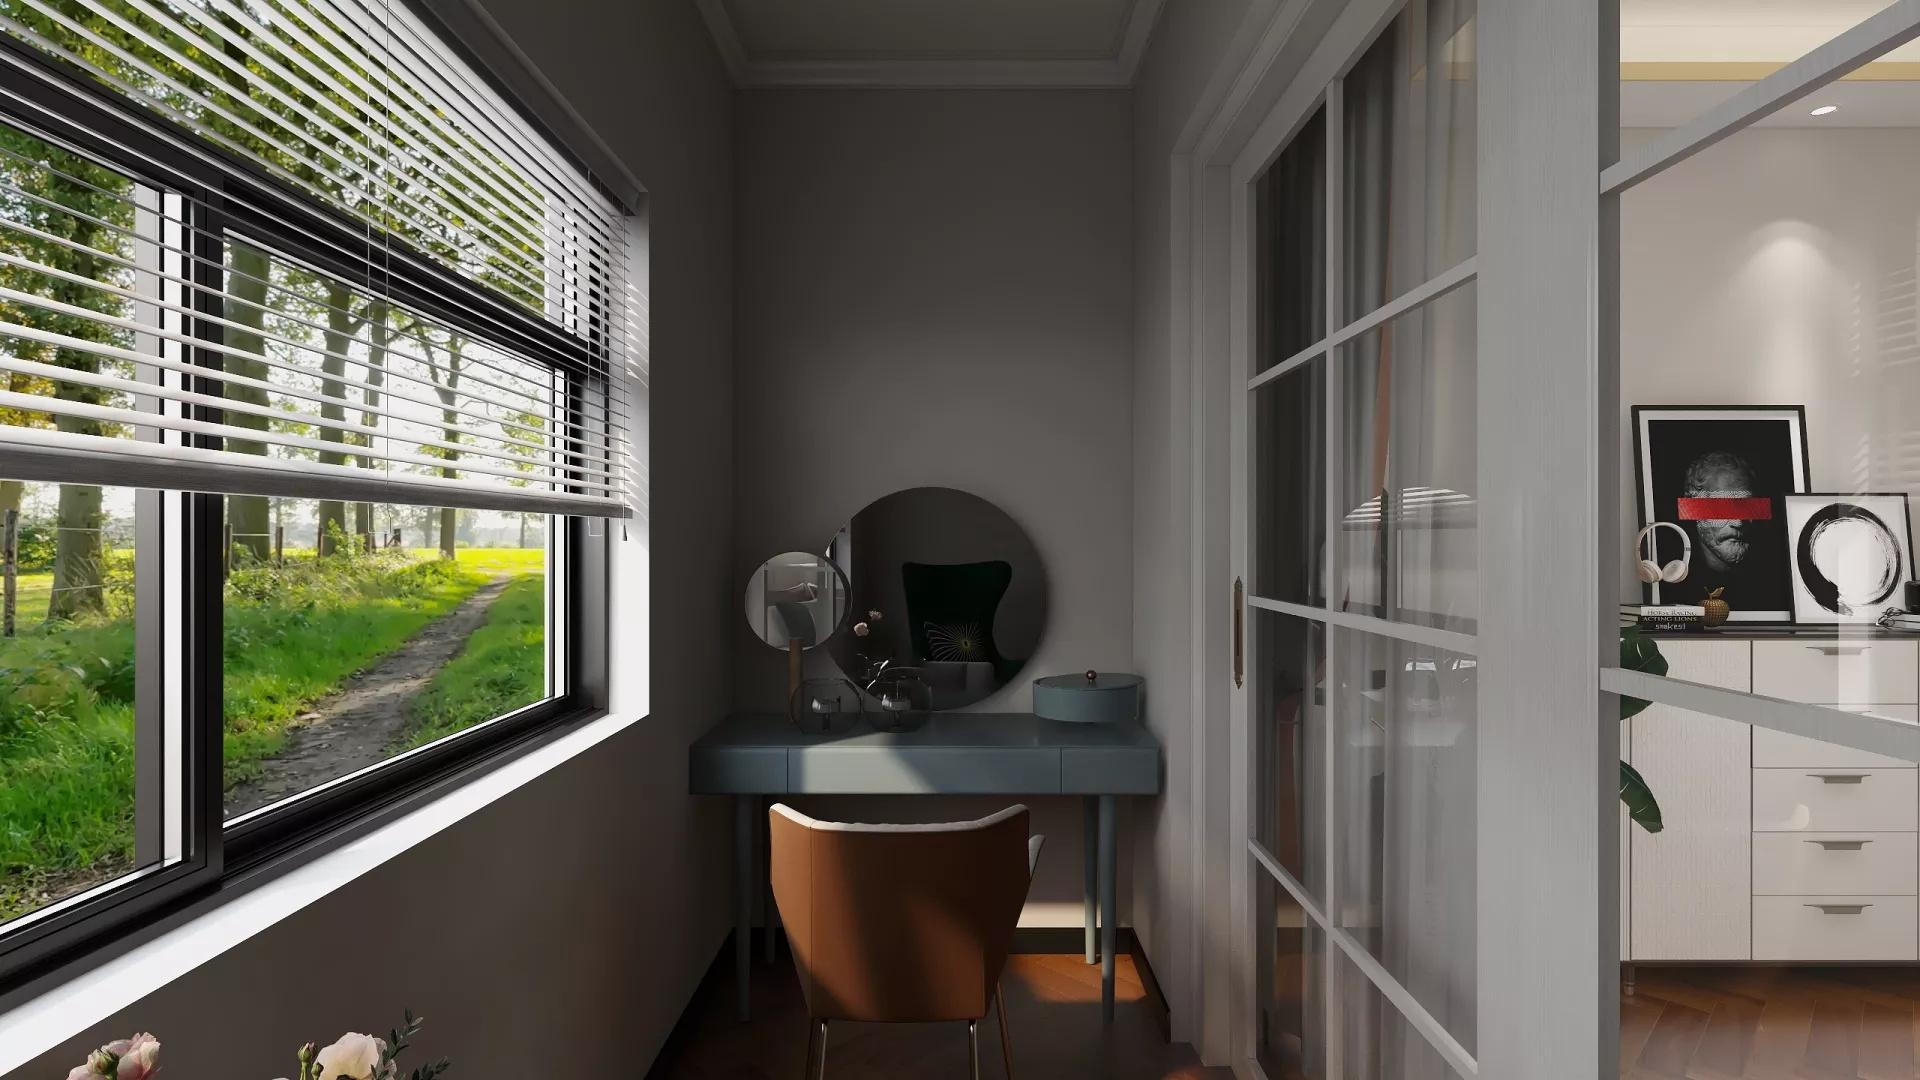 预制板规格_水泥预制板规格 水泥预制板优点缺点_美搭屋装修网